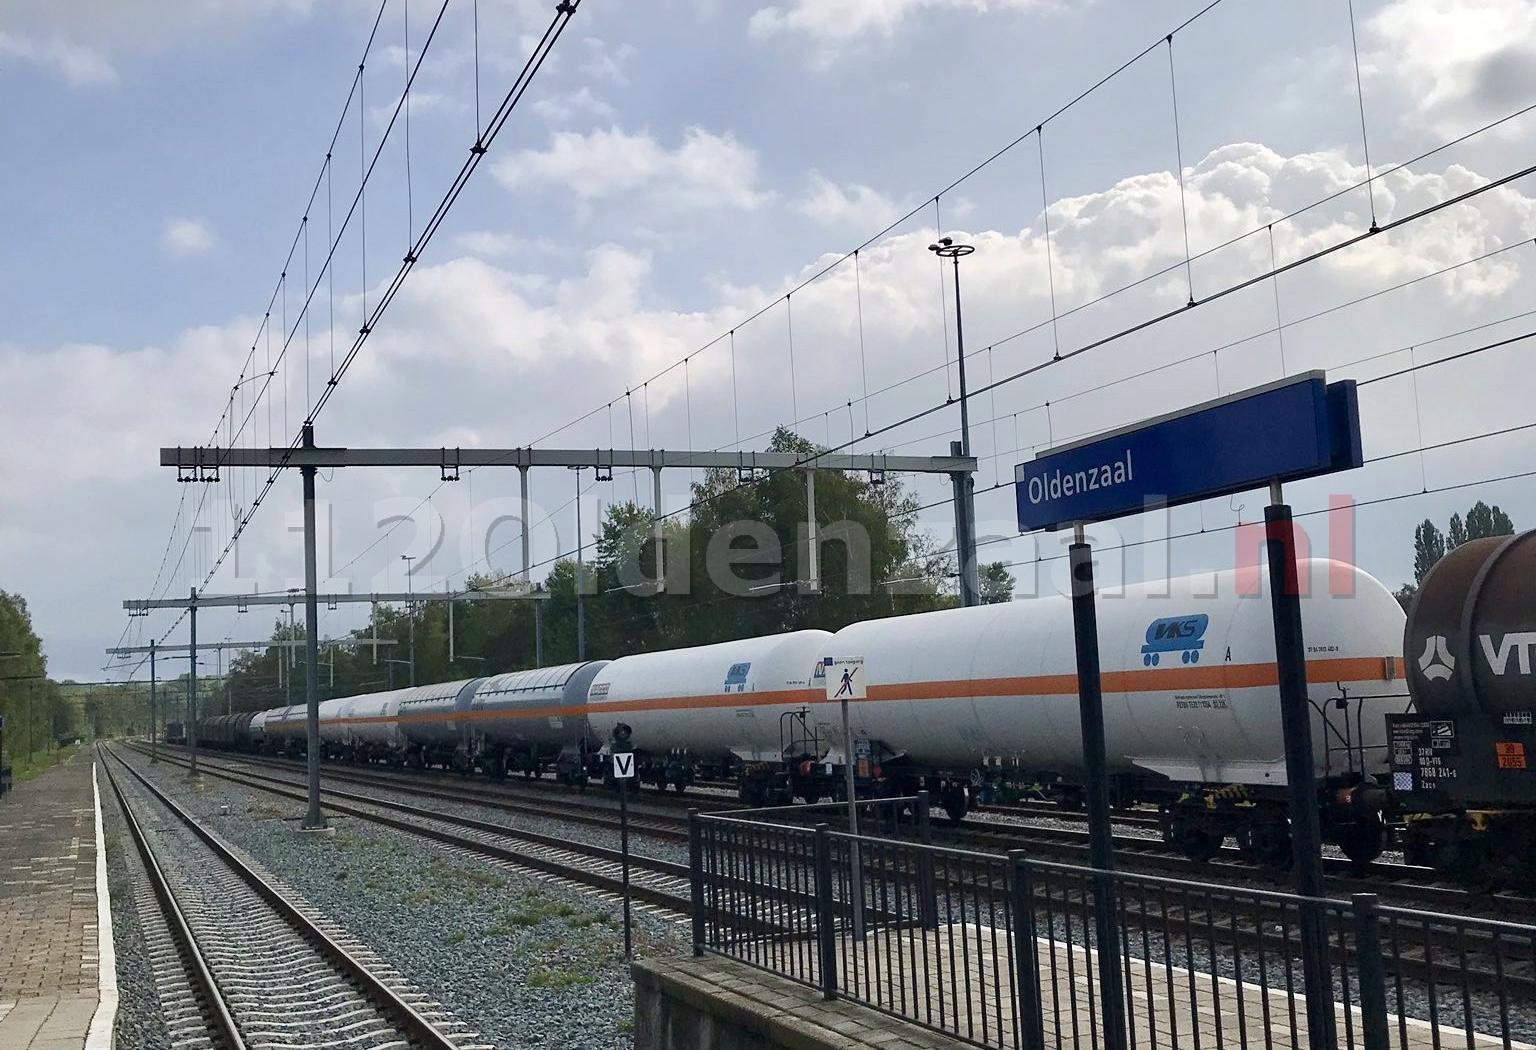 Informatievoorziening op het spoor in Oldenzaal opnieuw niet in orde; wagons met gevaarlijke stoffen aangetroffen